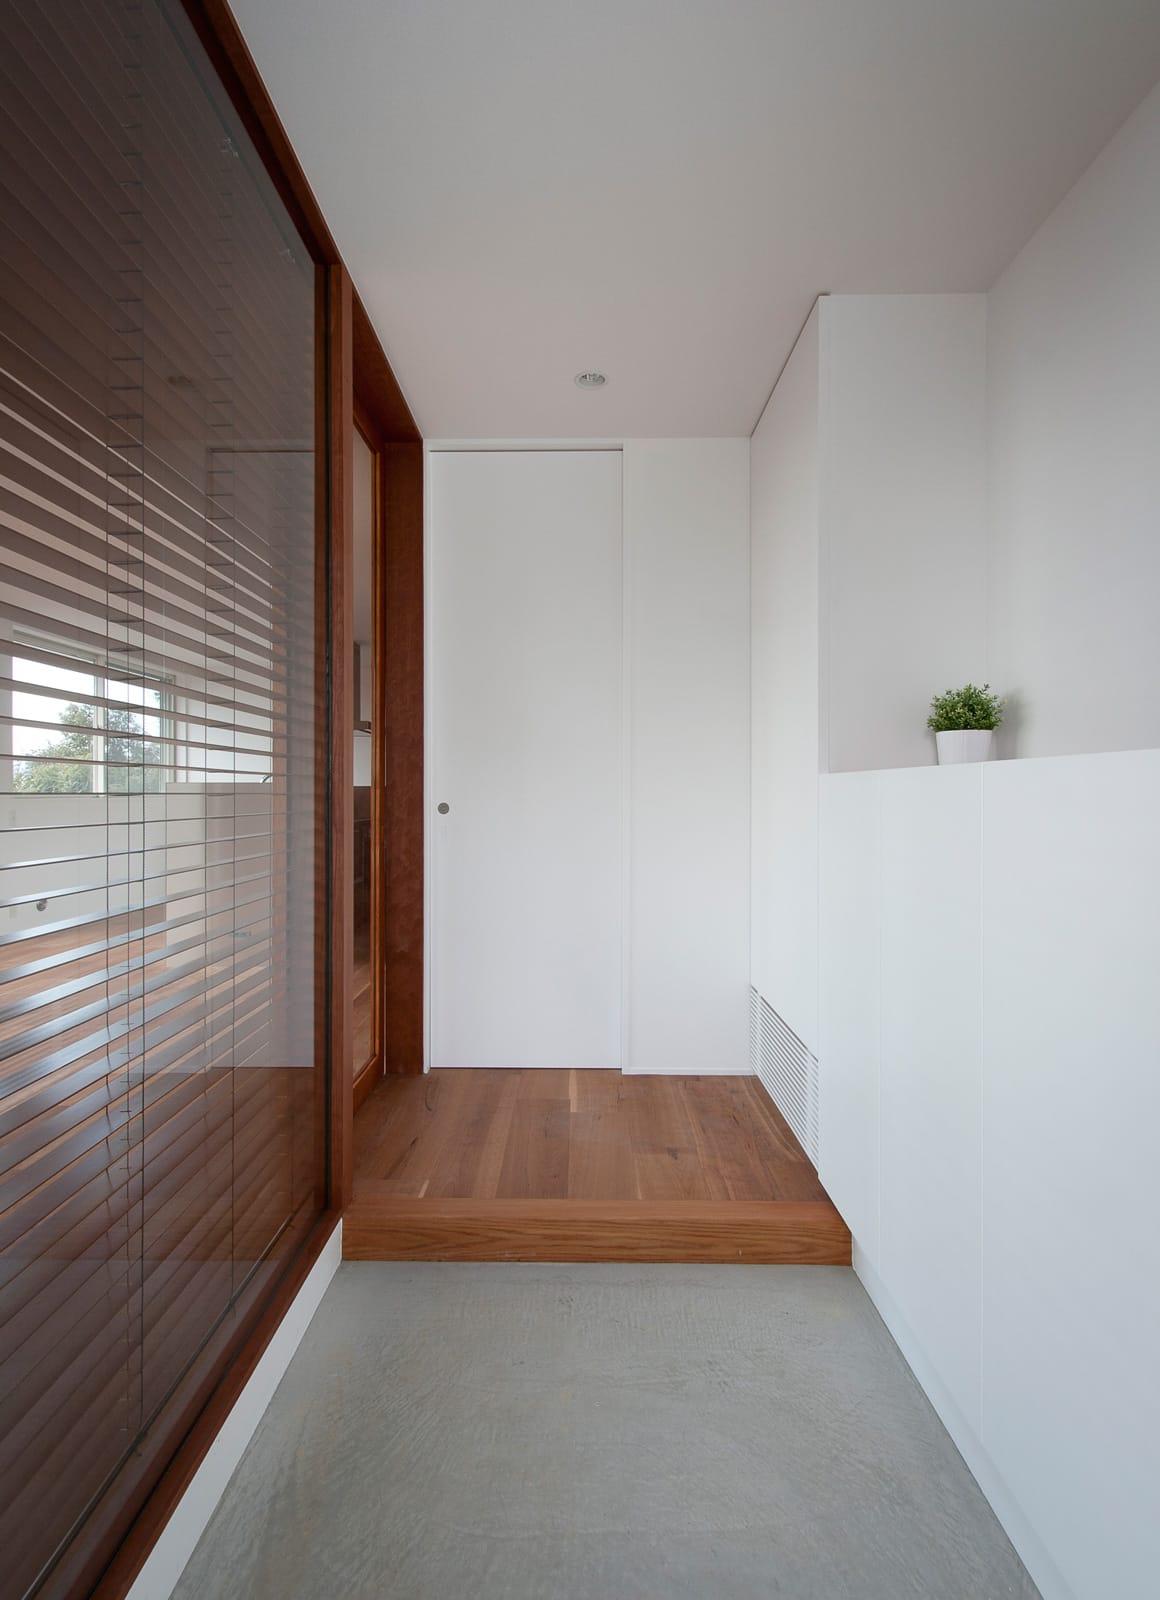 絶景!海を望む白い家の玄関(土間・ホール)1